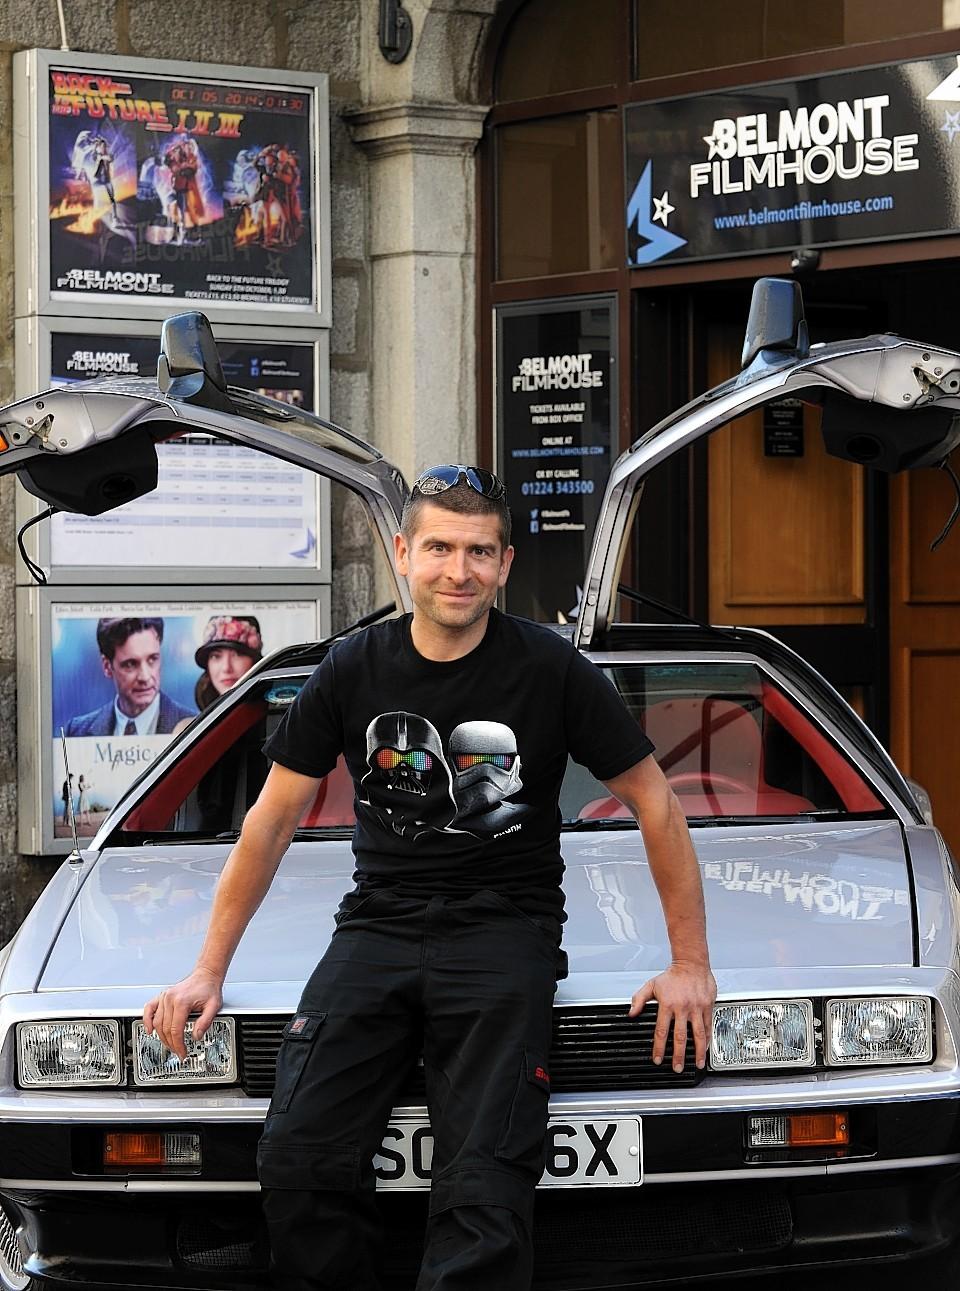 DeLorean owner, Paul Mackie